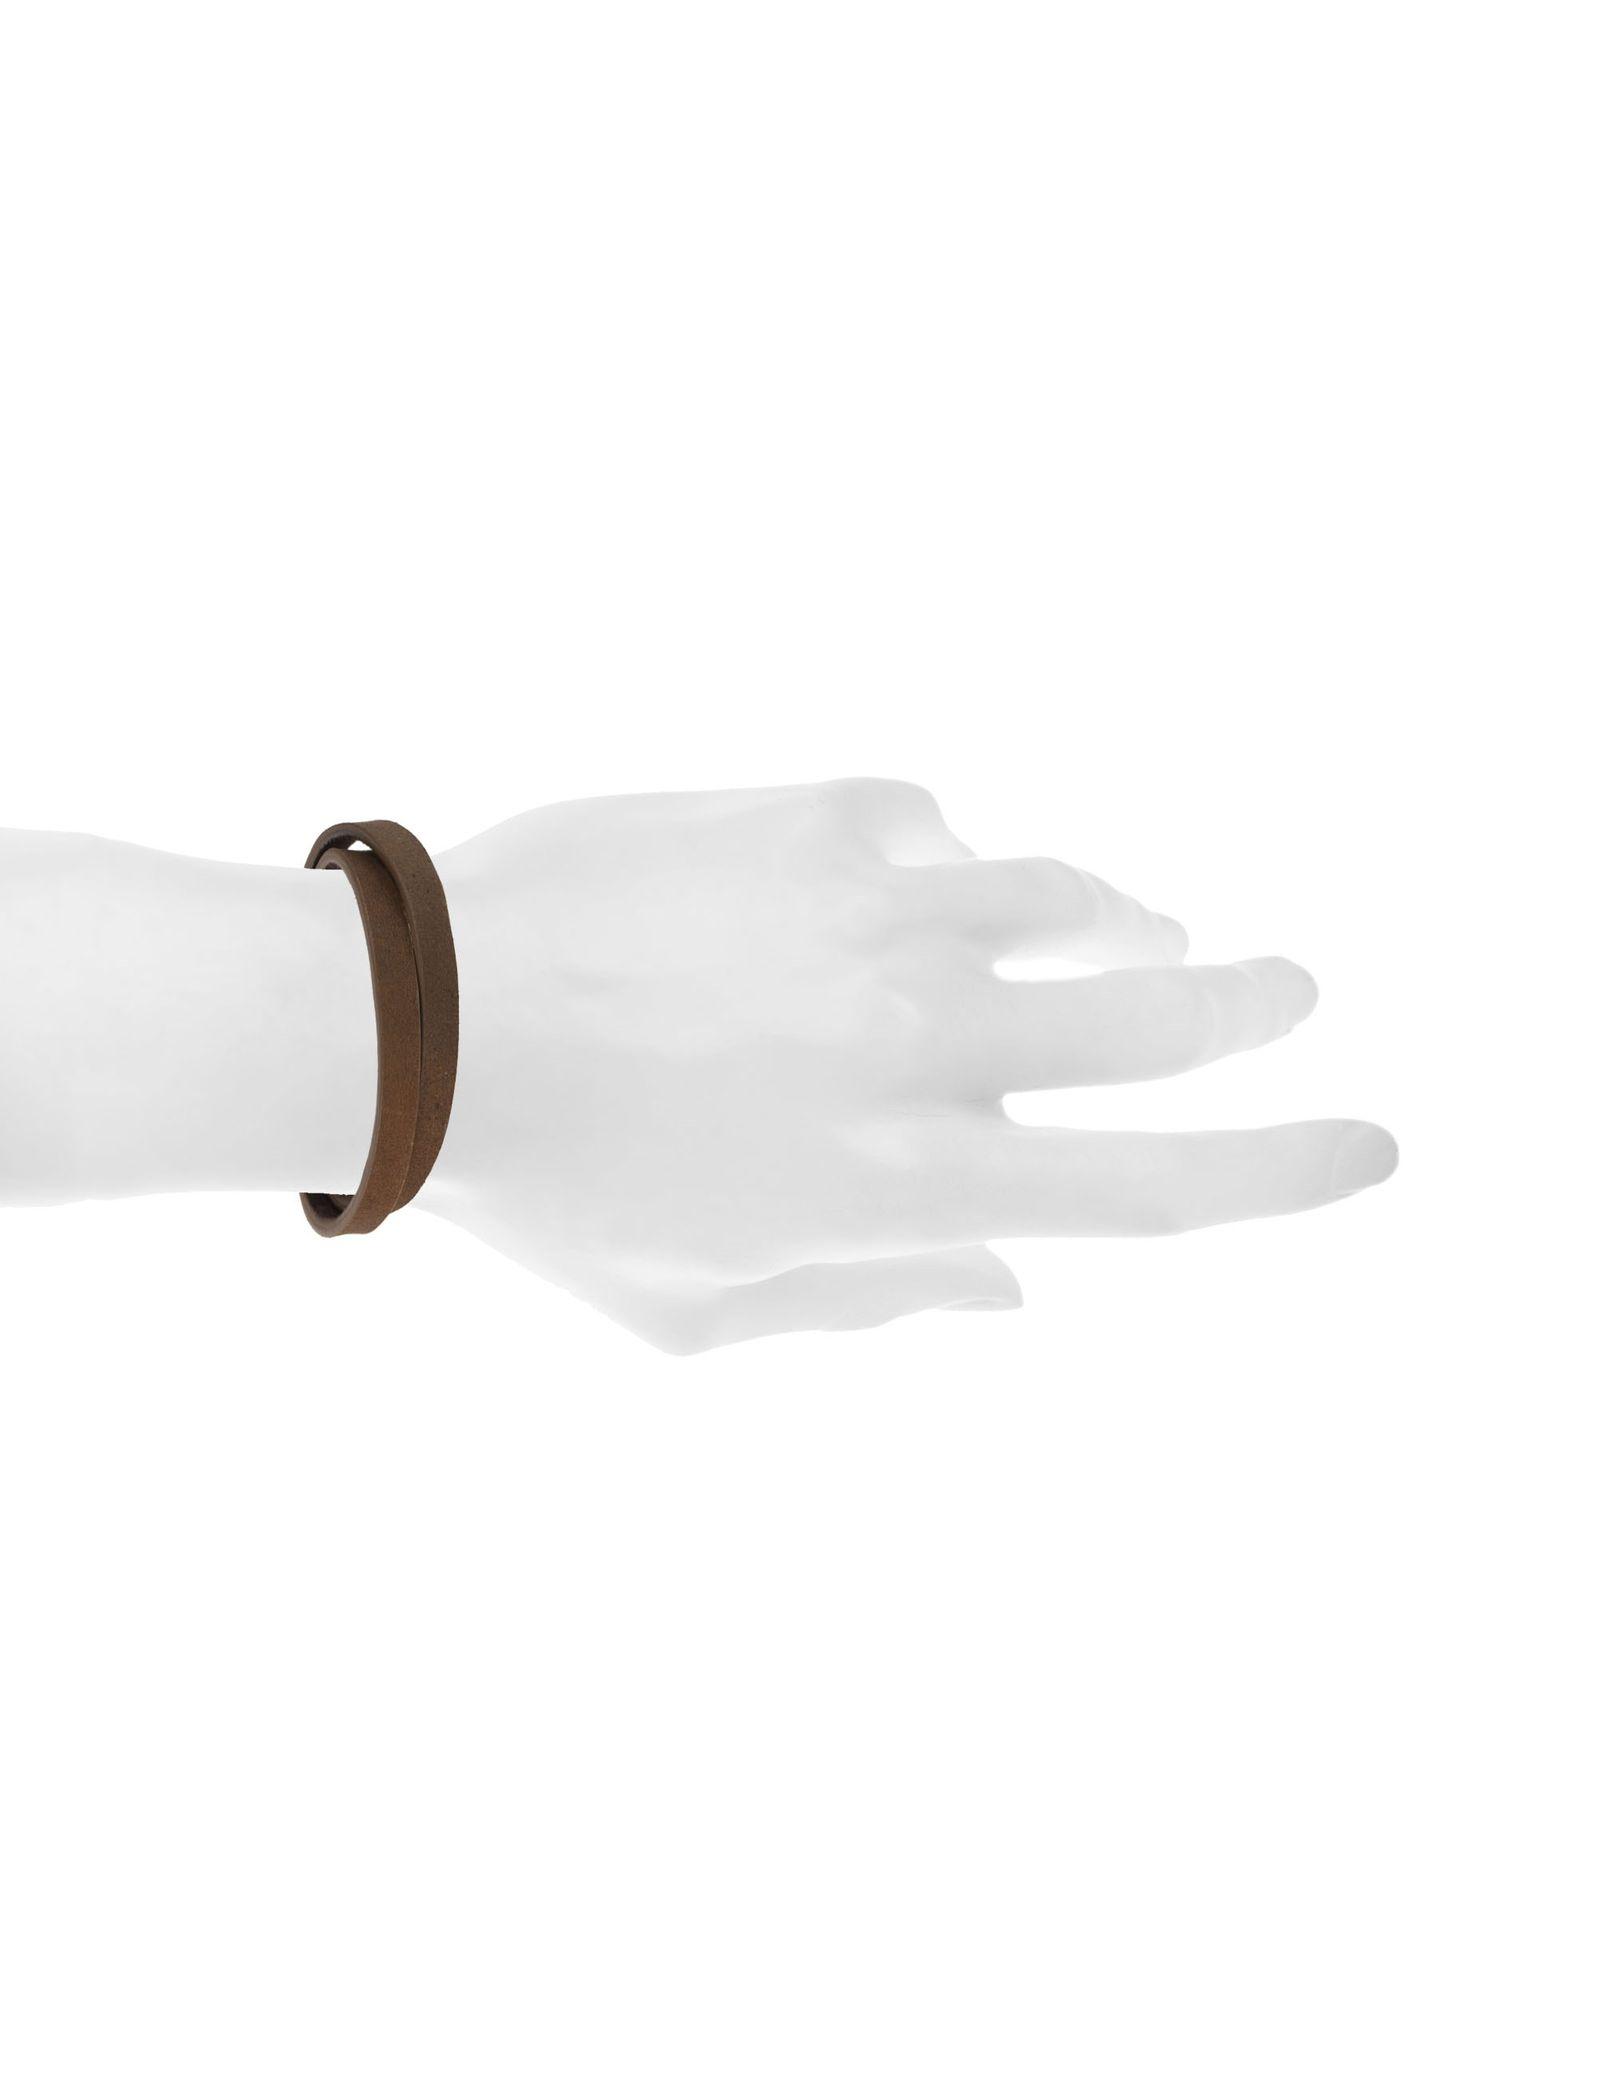 دستبند چرم مردانه - ماکو دیزاین سایز 42 cm - قهوه اي روشن - 5